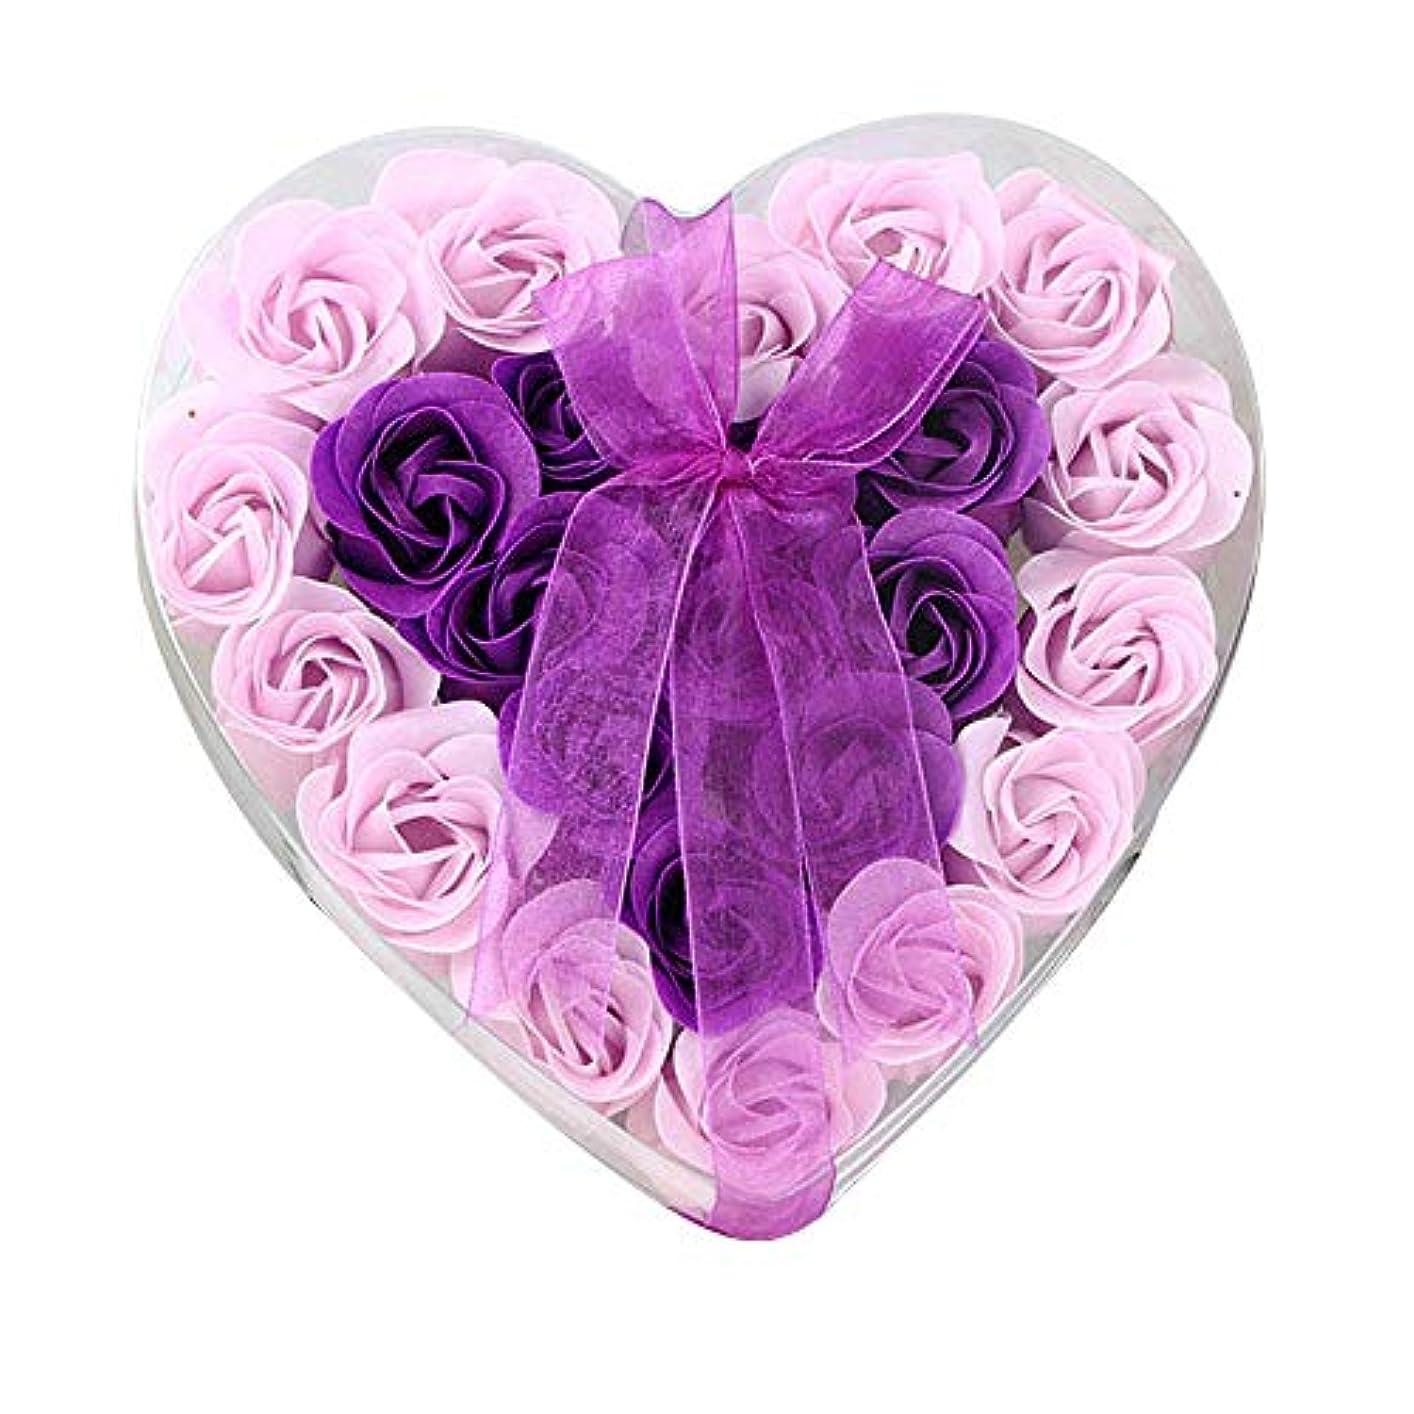 アルファベット順試してみるアプト24個の手作りのローズ香りのバスソープの花びら香りのバスソープは、ギフトボックスの花びらをバラ (色 : 紫の)